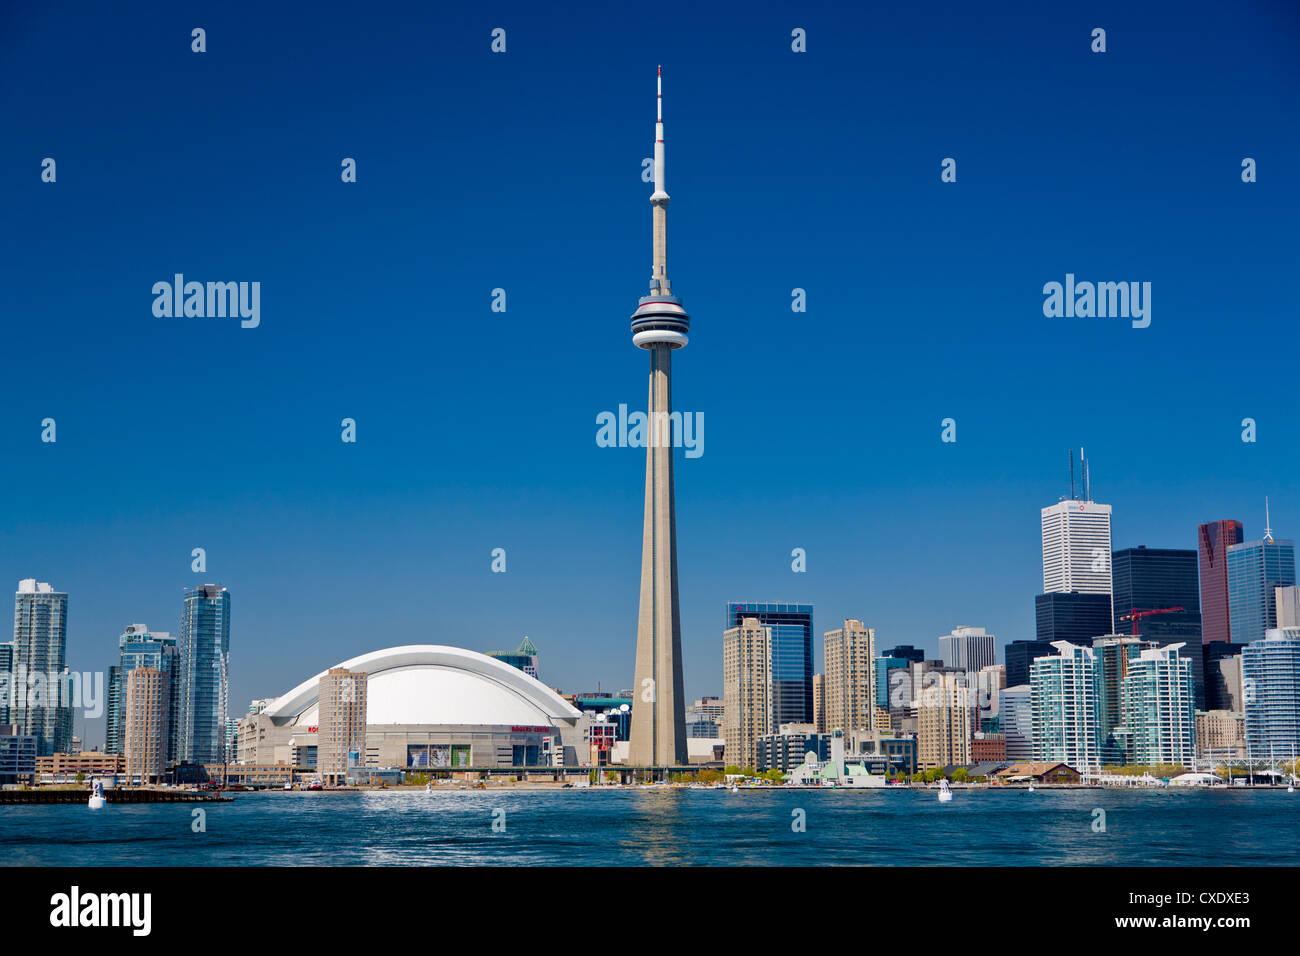 Skyline der Stadt zeigt der CN Tower in Toronto, Ontario, Kanada, Nordamerika Stockfoto